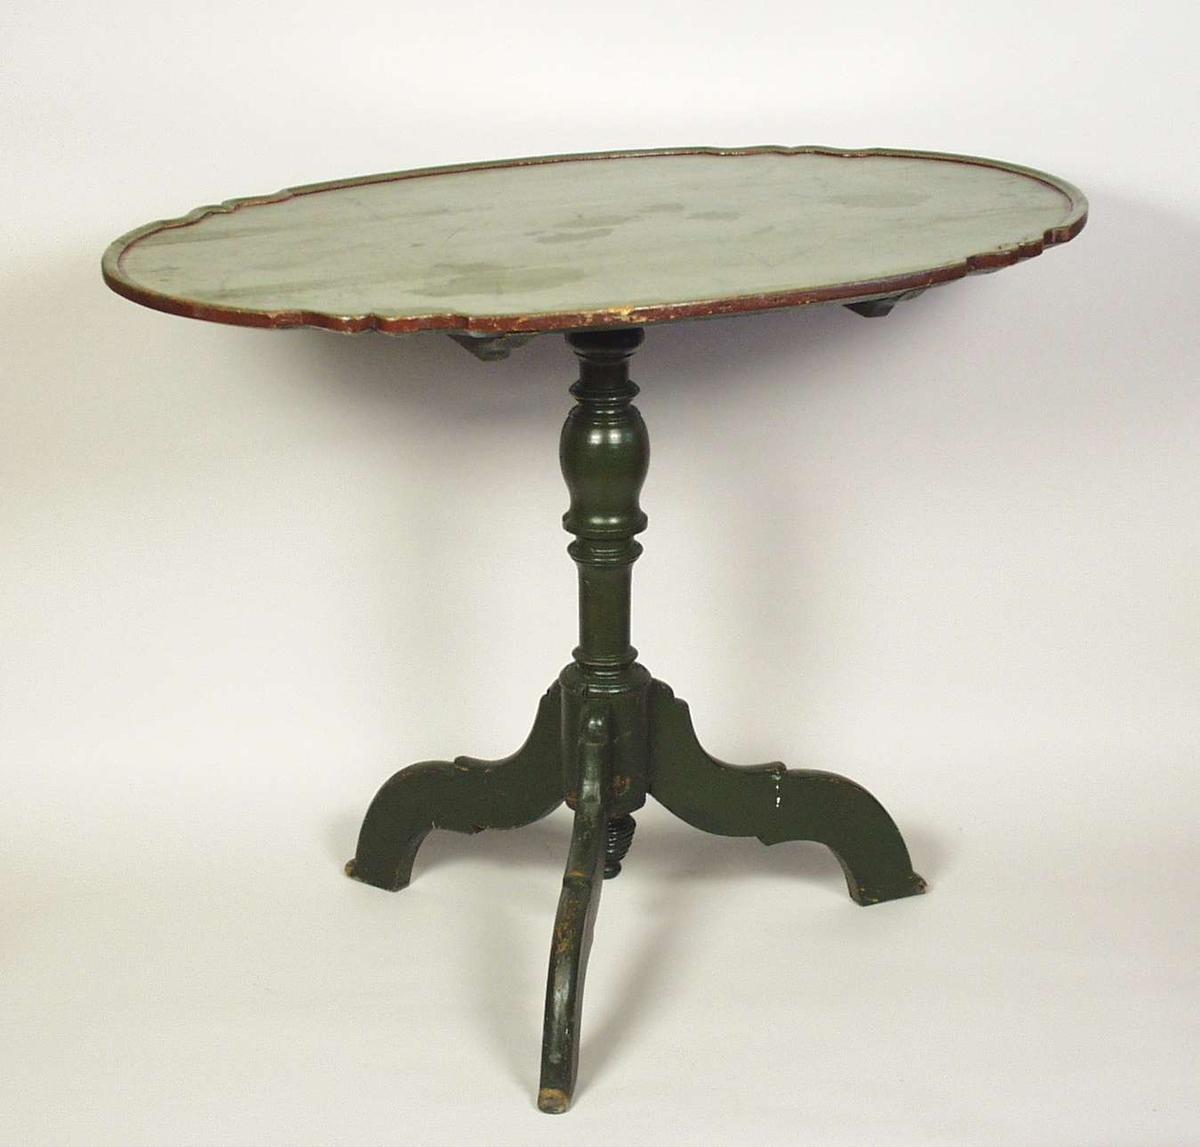 Vippebord med oval bordplate og tredelt fot. Foten er dreid. Bordet er grønnmalt. Bordplaten er ådret.